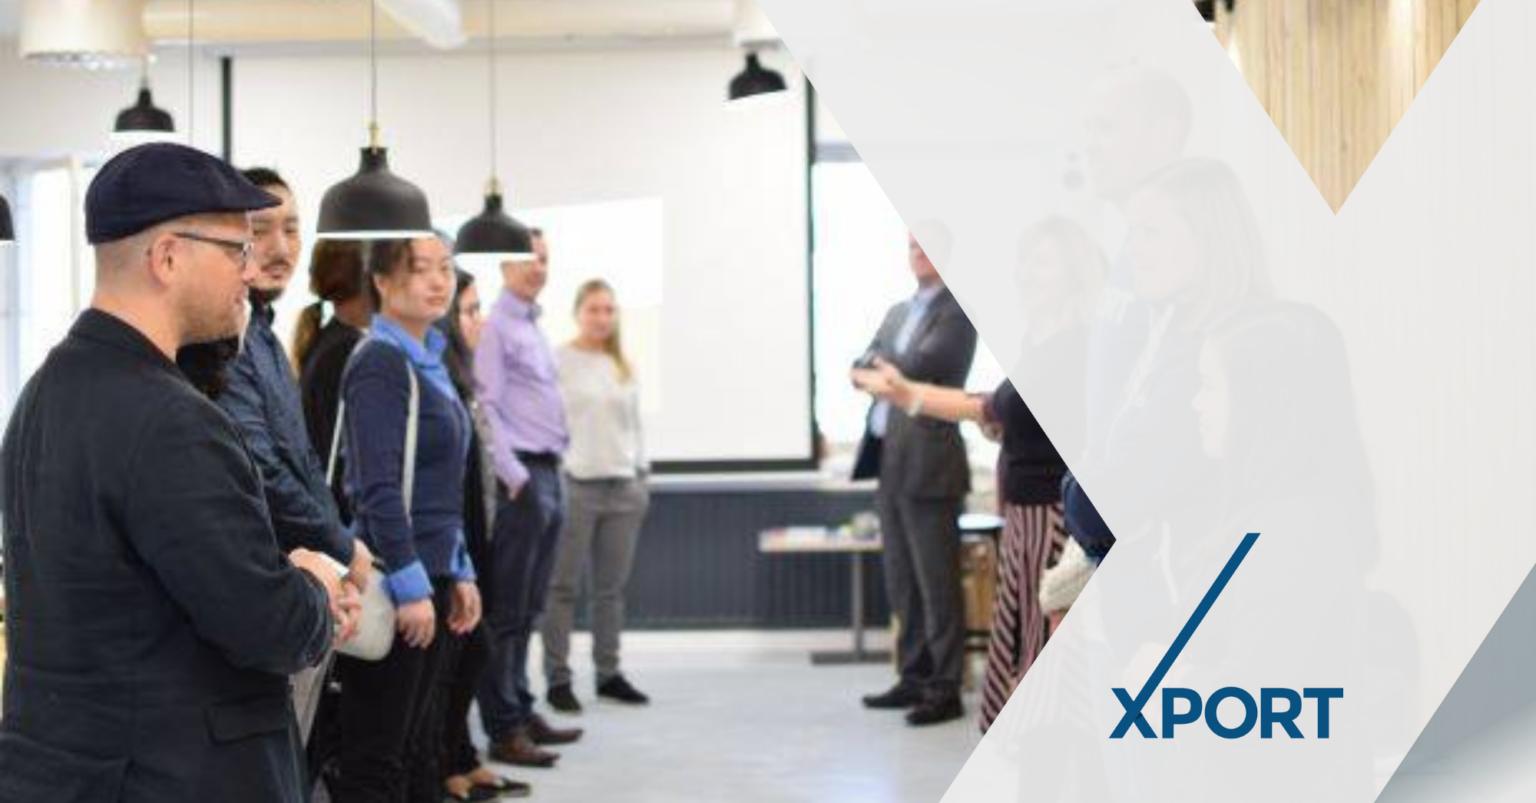 Xport Associates